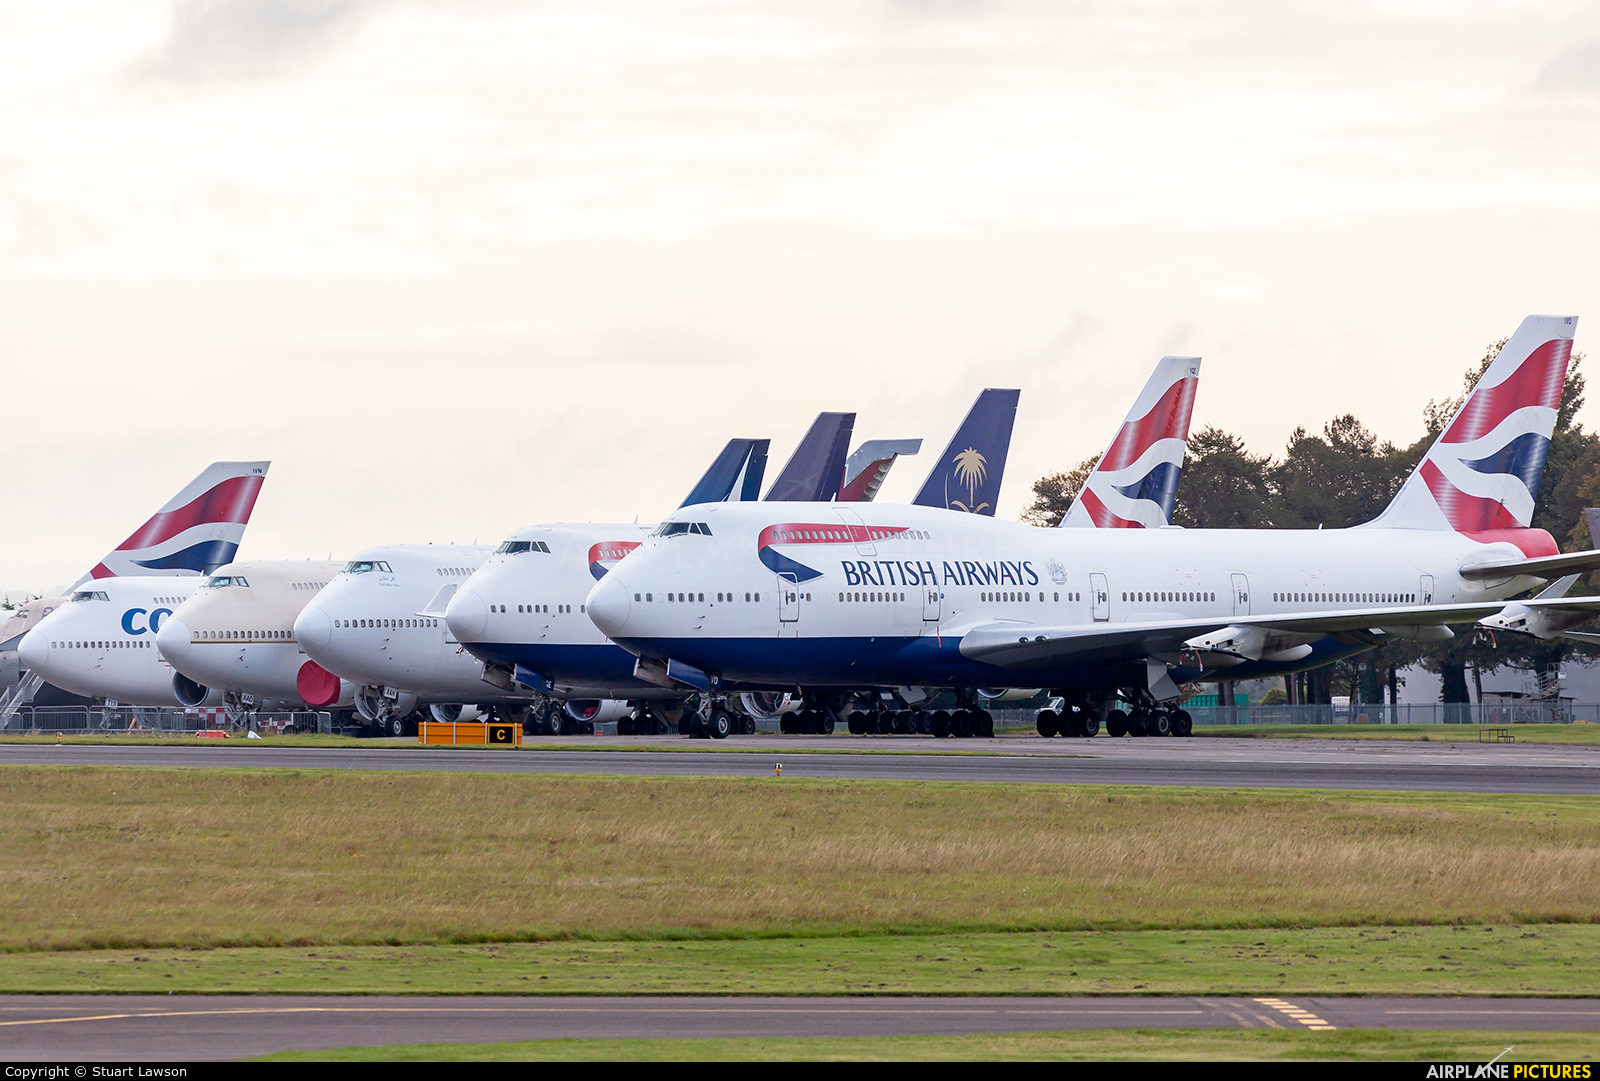 British Airways G-CIVO aircraft at Kemble